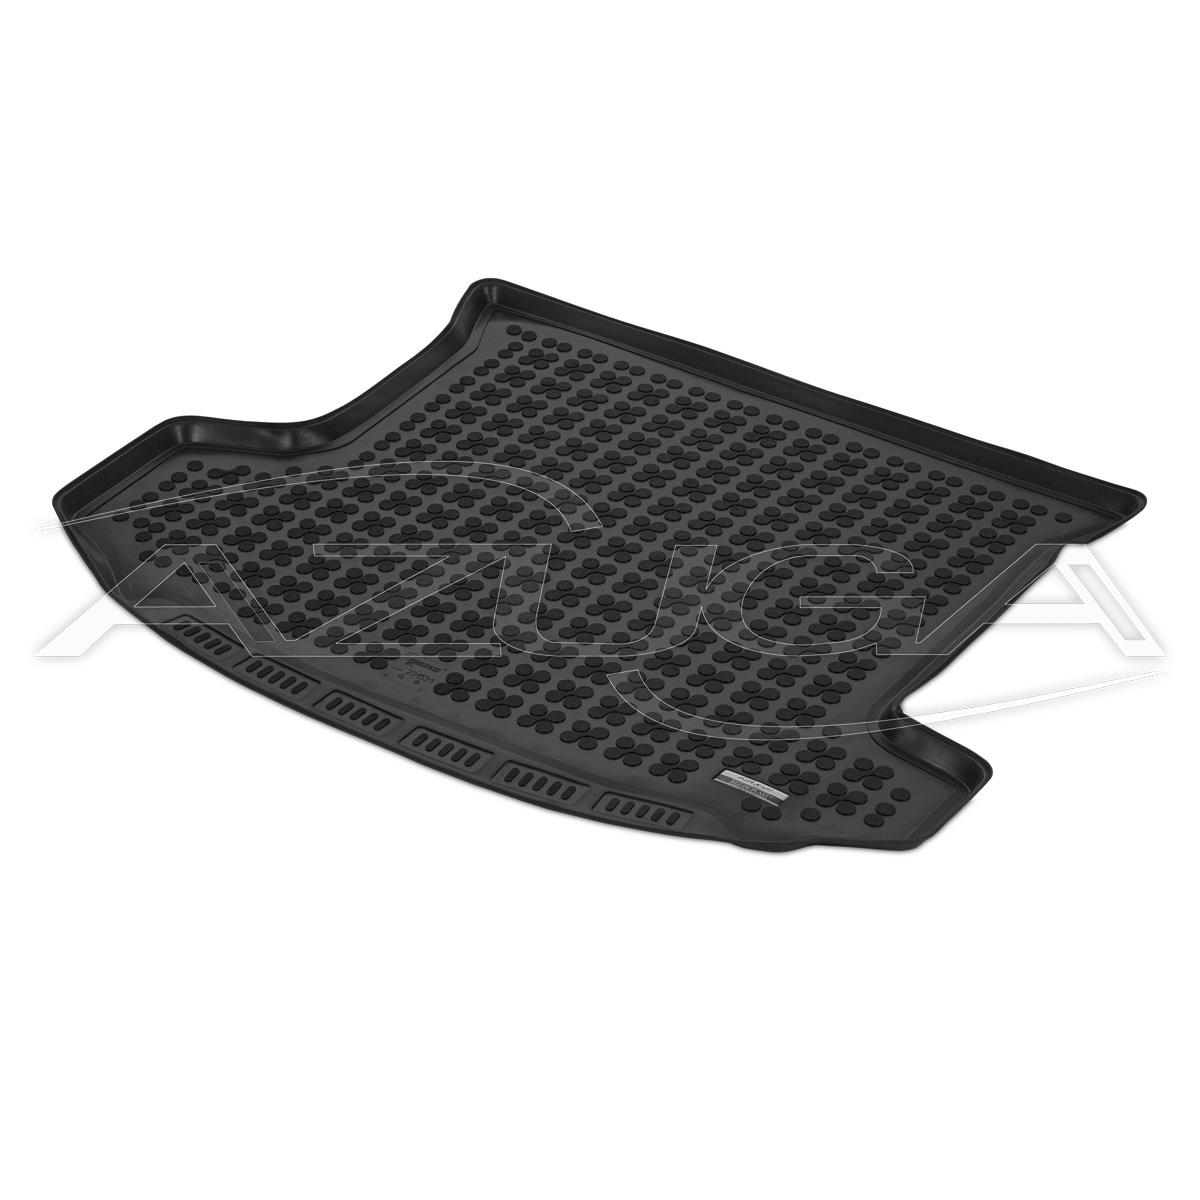 premium antirutsch gummi kofferraumwanne skoda kodiaq 7. Black Bedroom Furniture Sets. Home Design Ideas